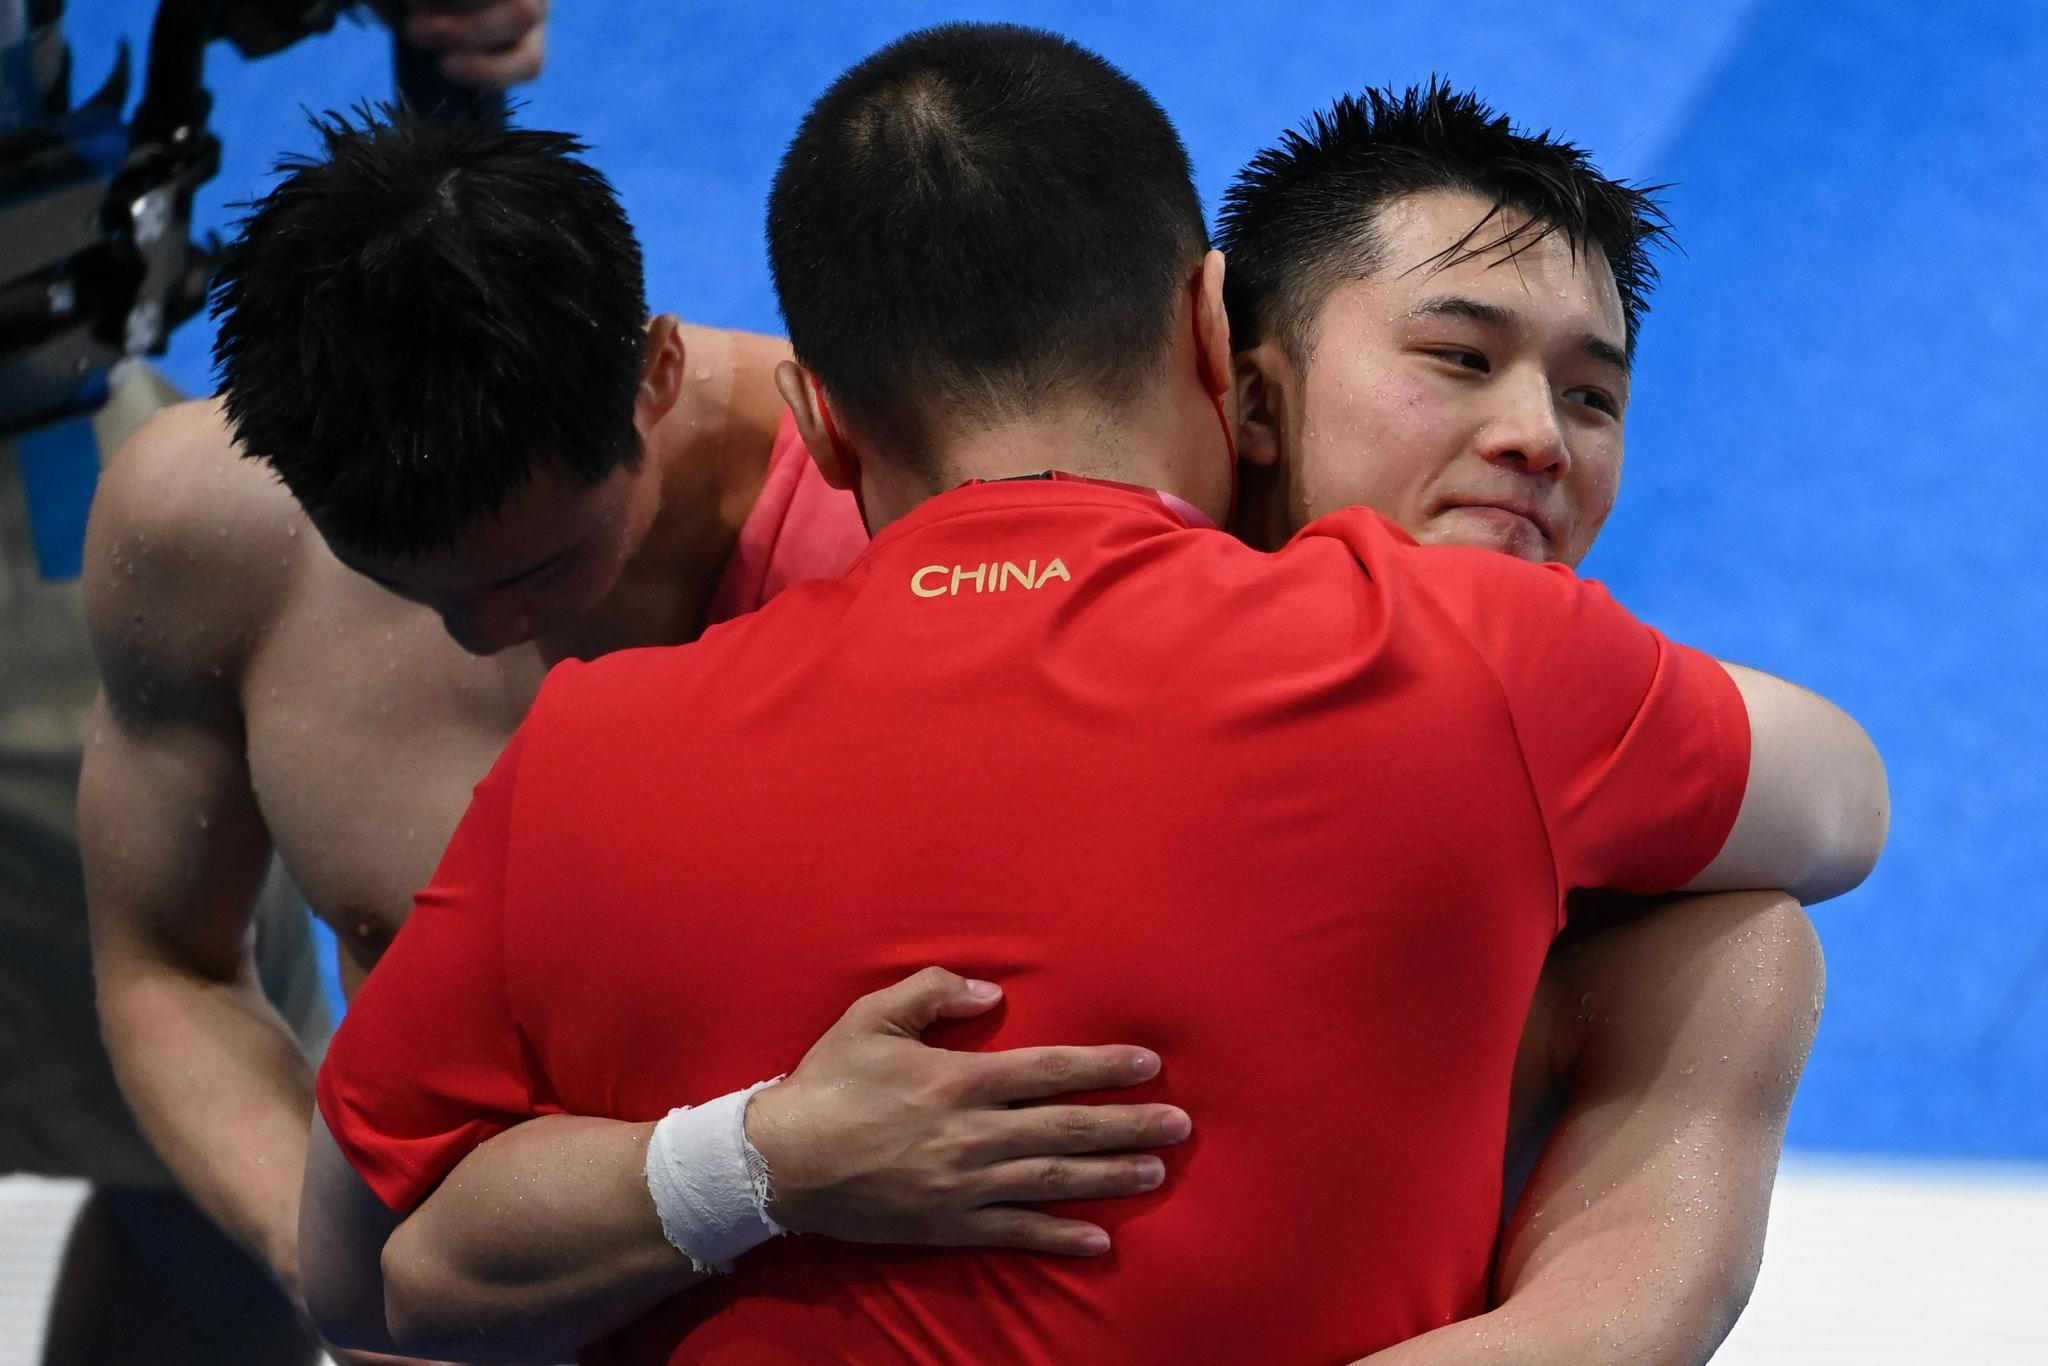 赛后,教练拥抱安慰陈艾森。